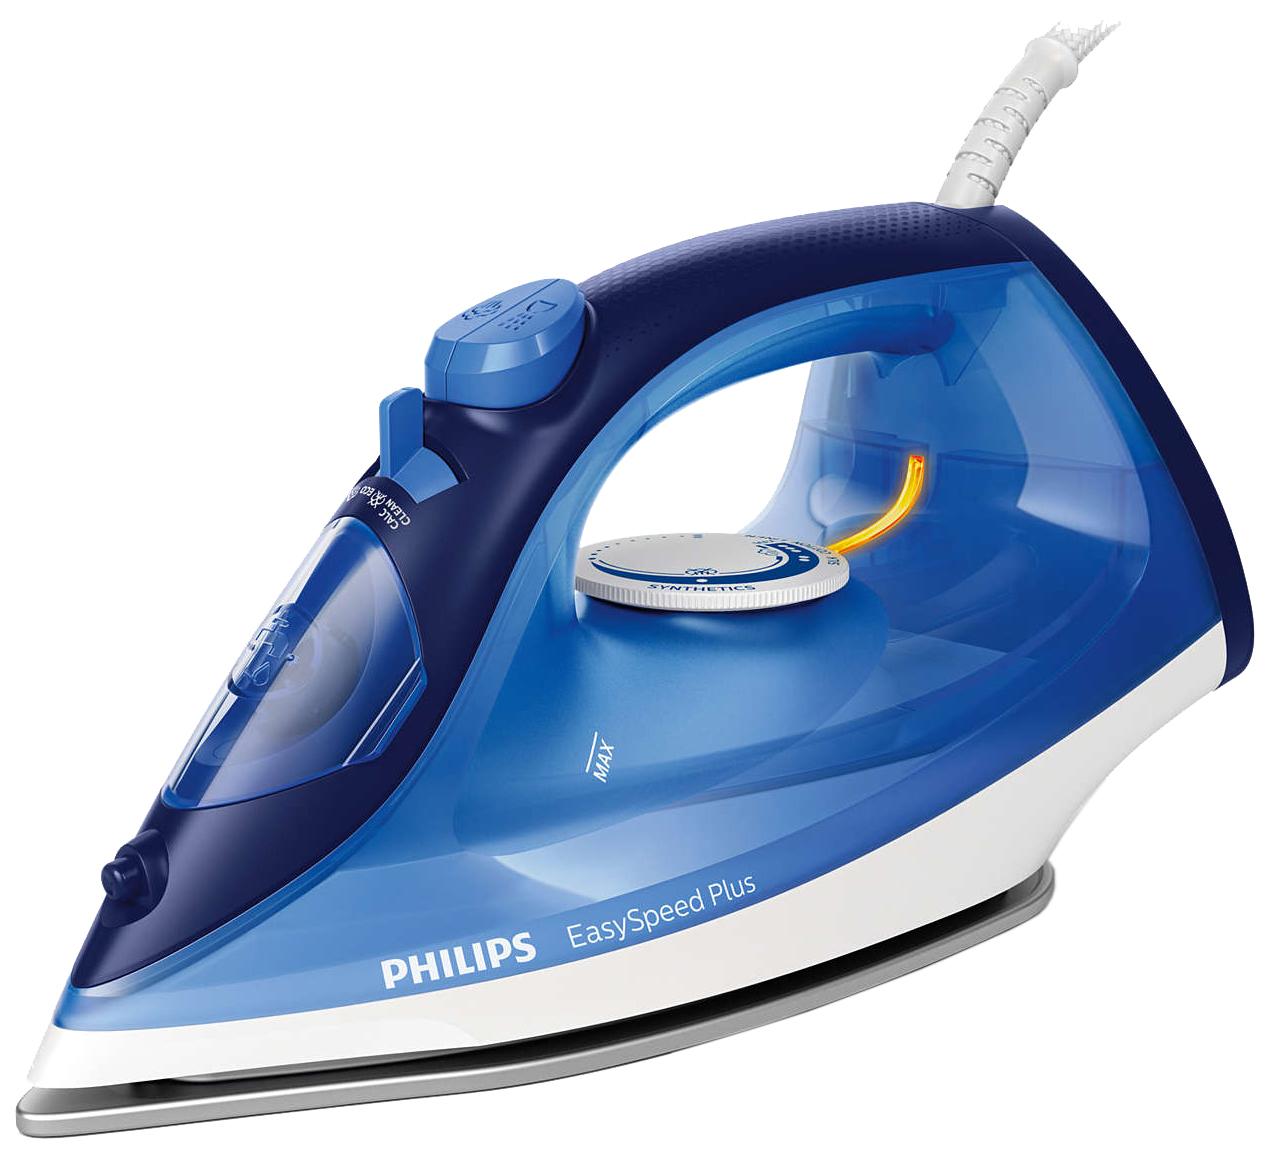 Утюг Philips EasySpeed Plus GC2145/20 White/Blue фото